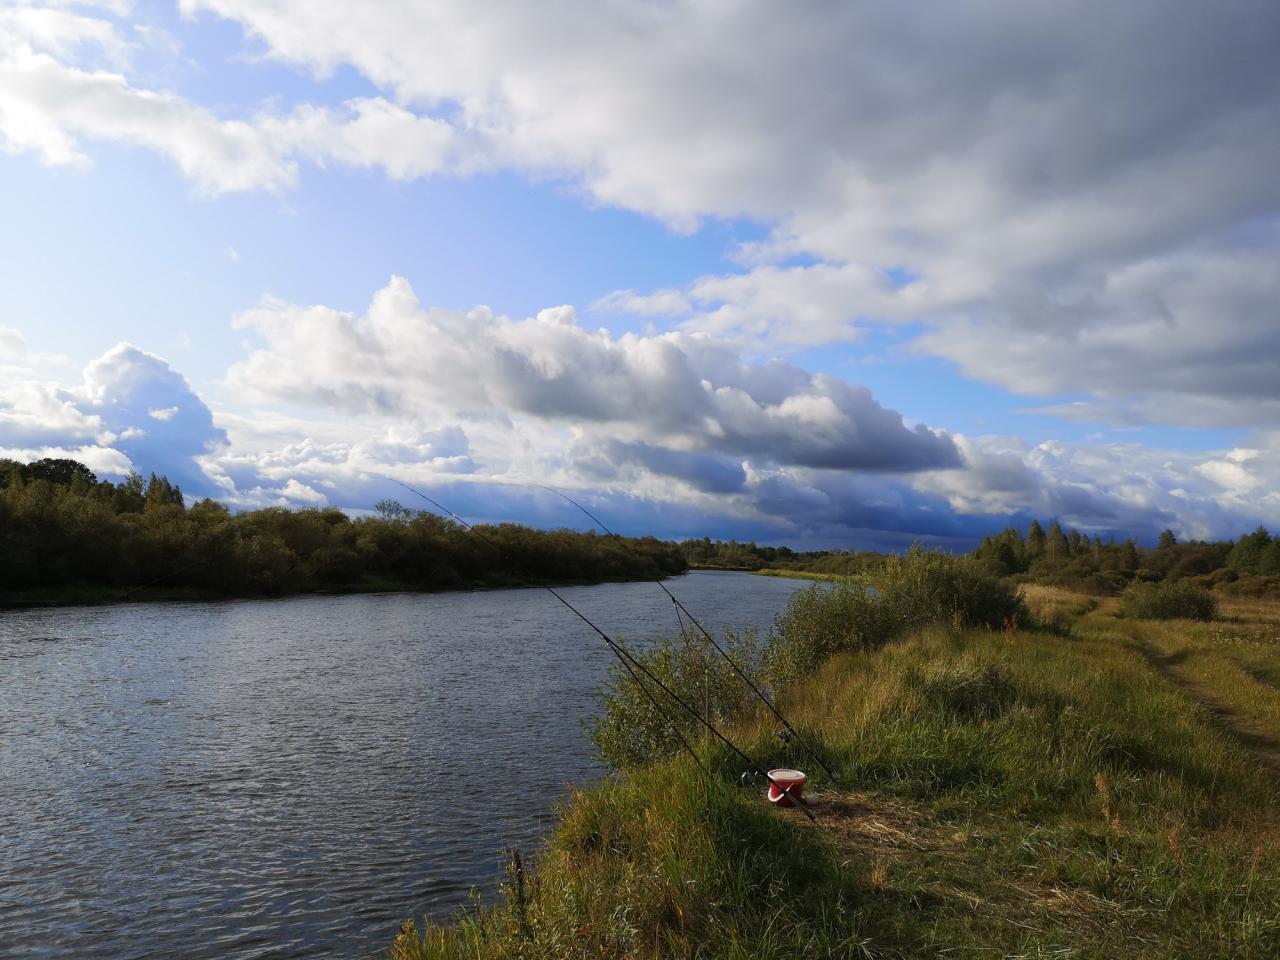 С пятницы по воскресенье были выше Березино. С ... | Отчеты о рыбалке в Беларуси